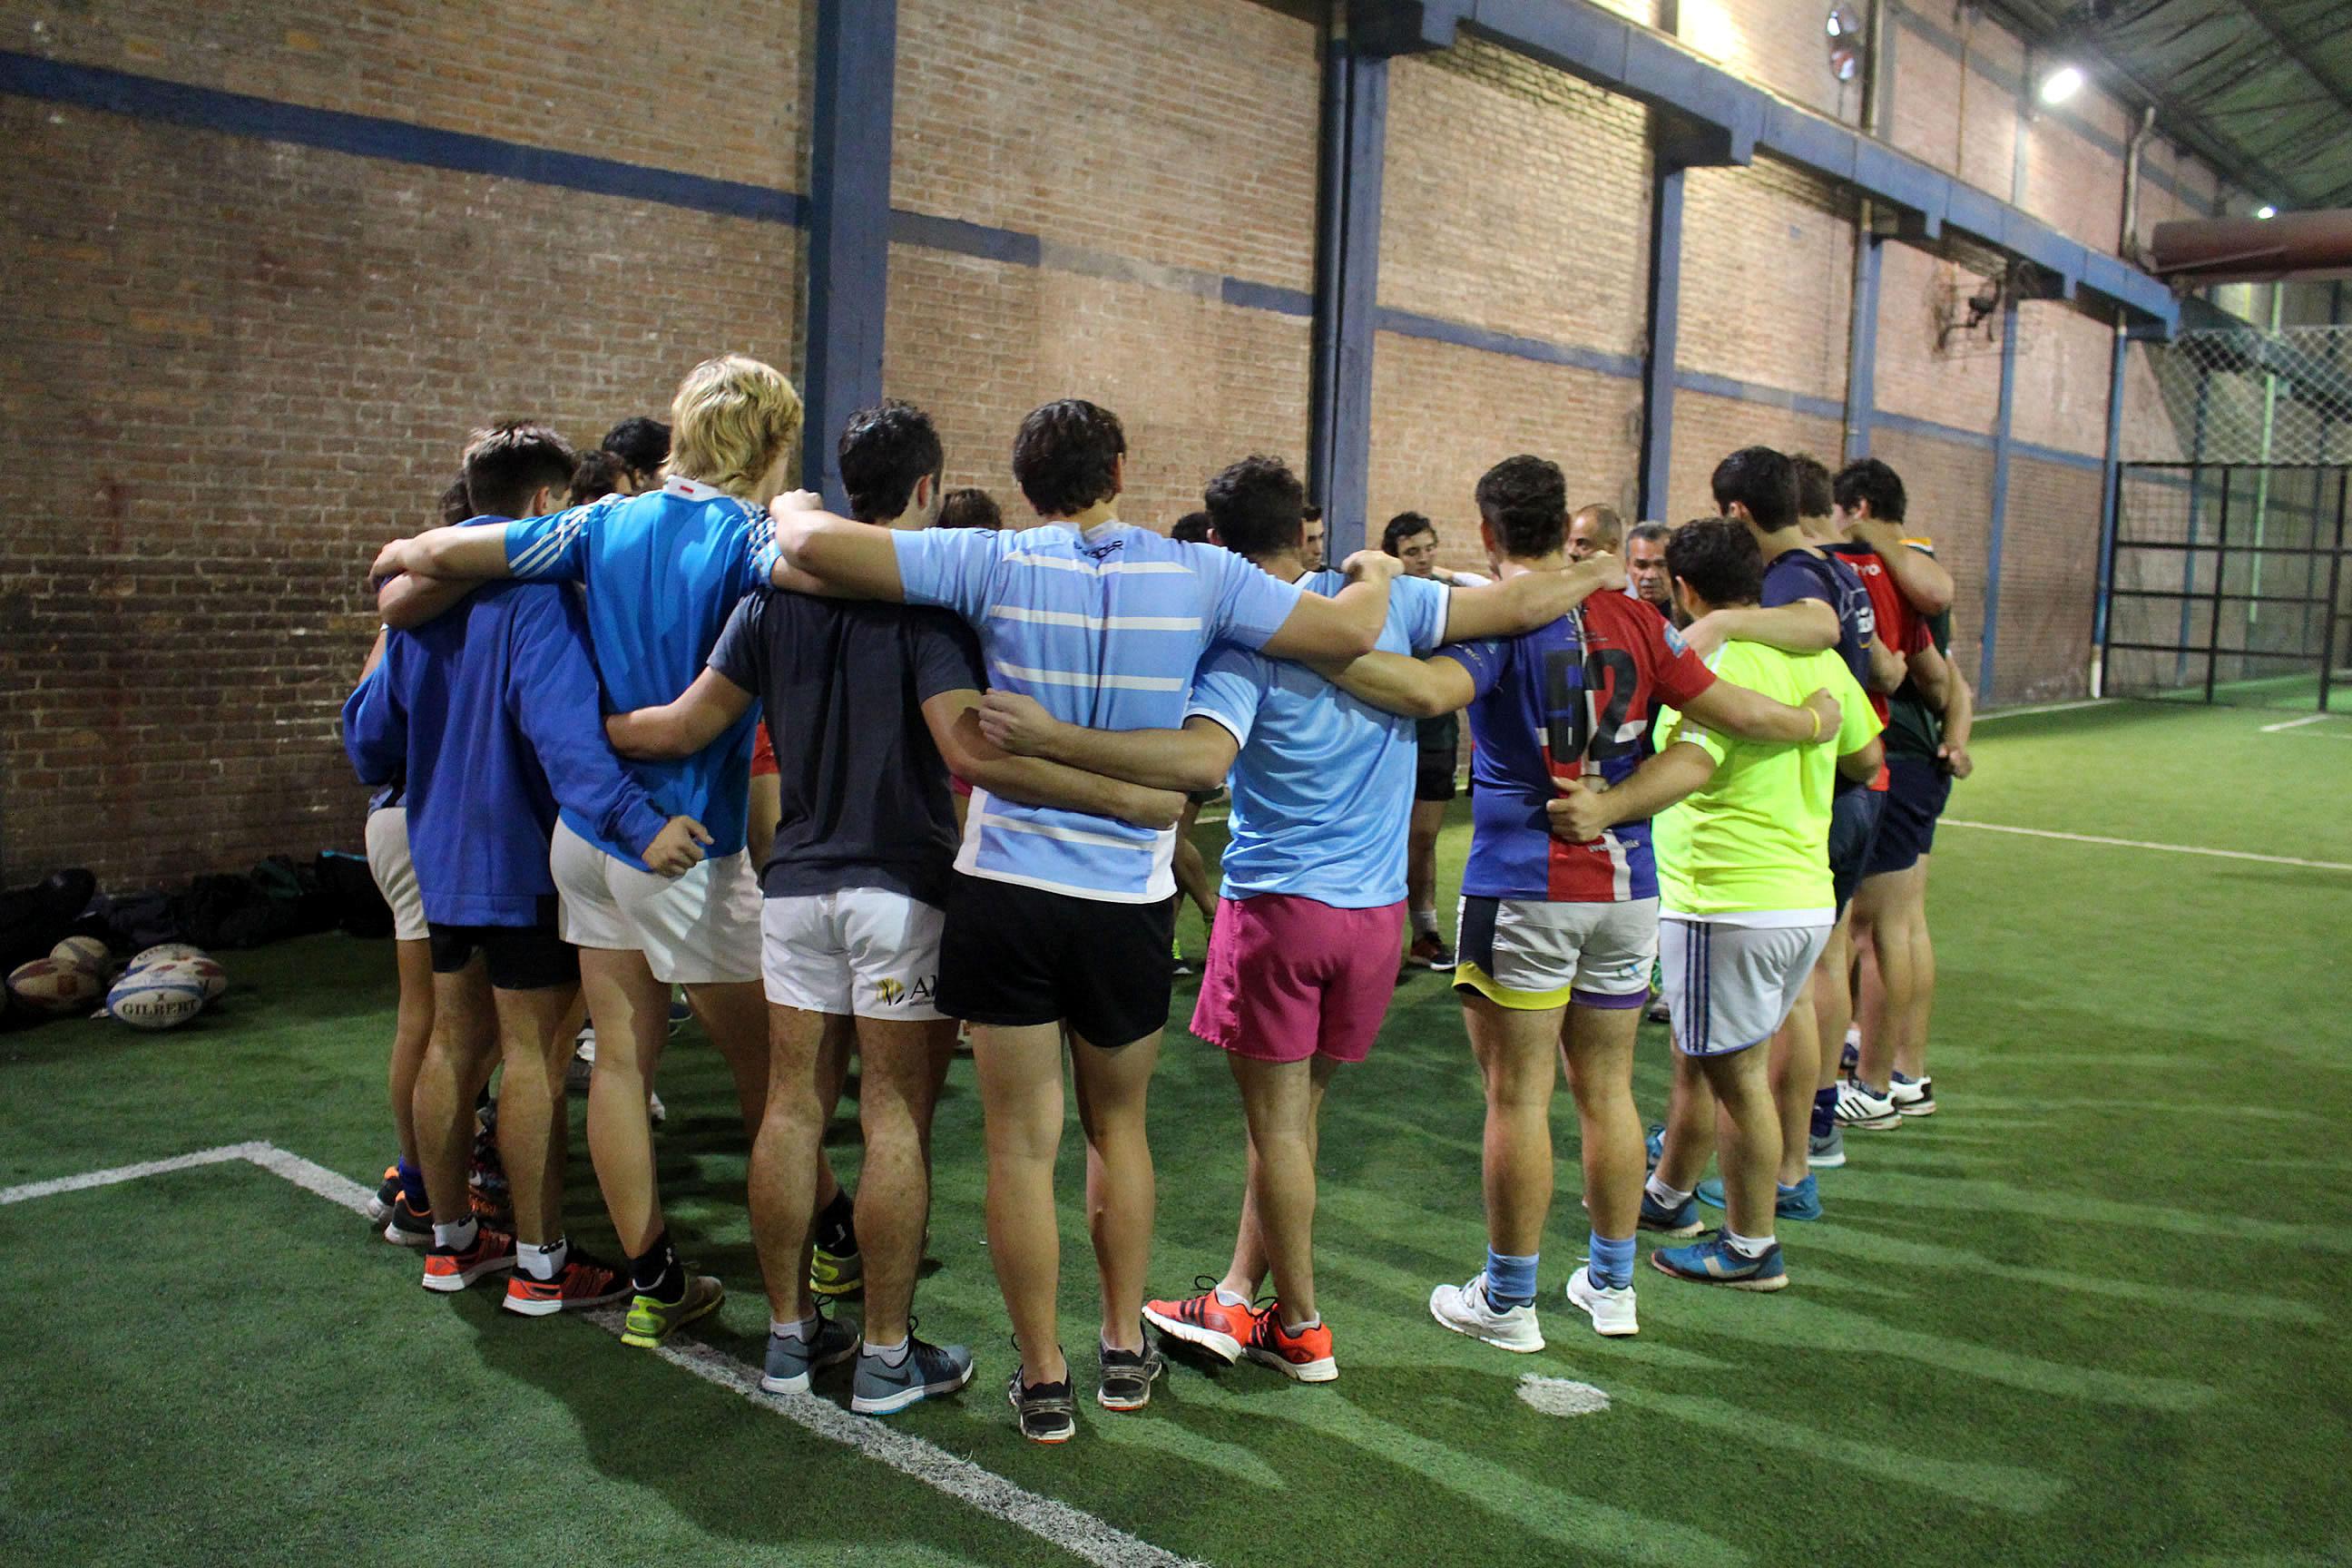 El grupo reunidos durante el entrenamiento en Tucumán. (Foto: Prensa URMDP)